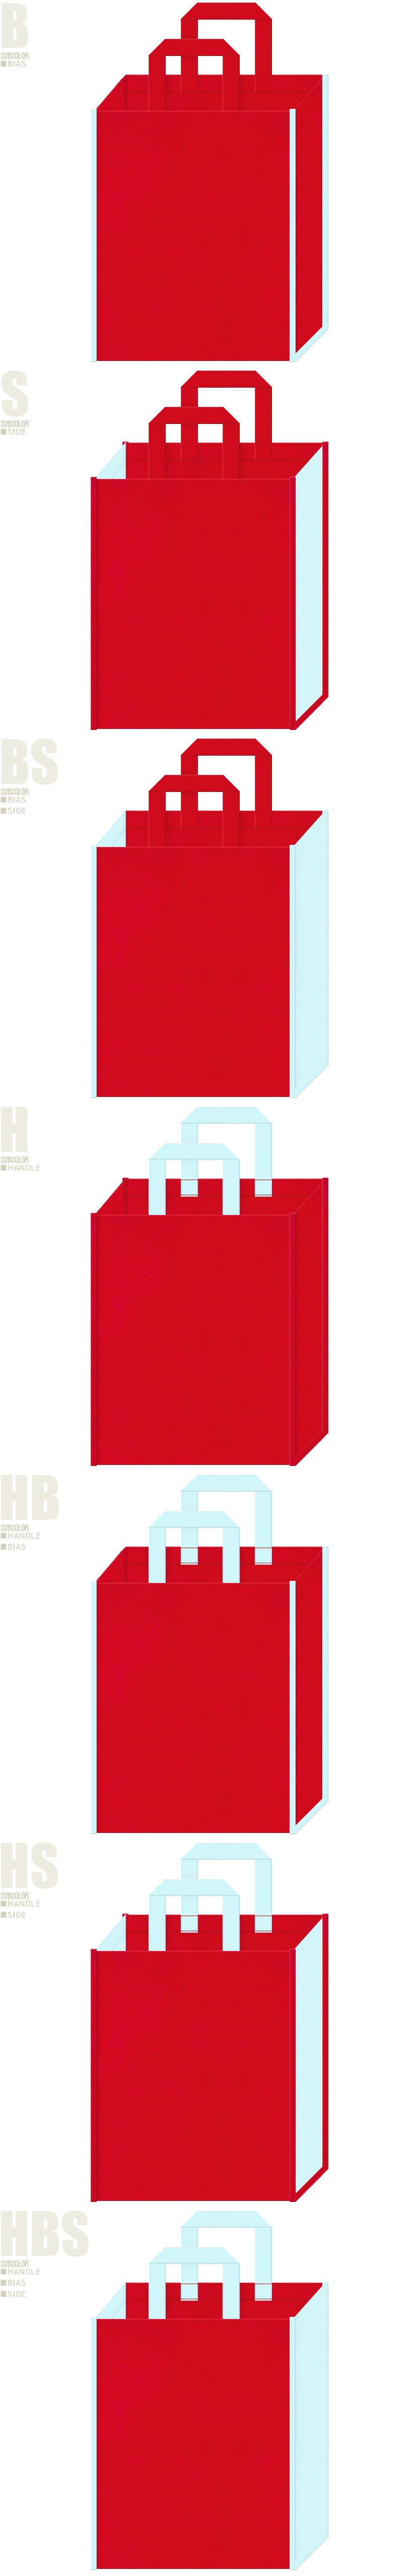 不織布バッグのデザイン:紅色と水色の配色7パターン